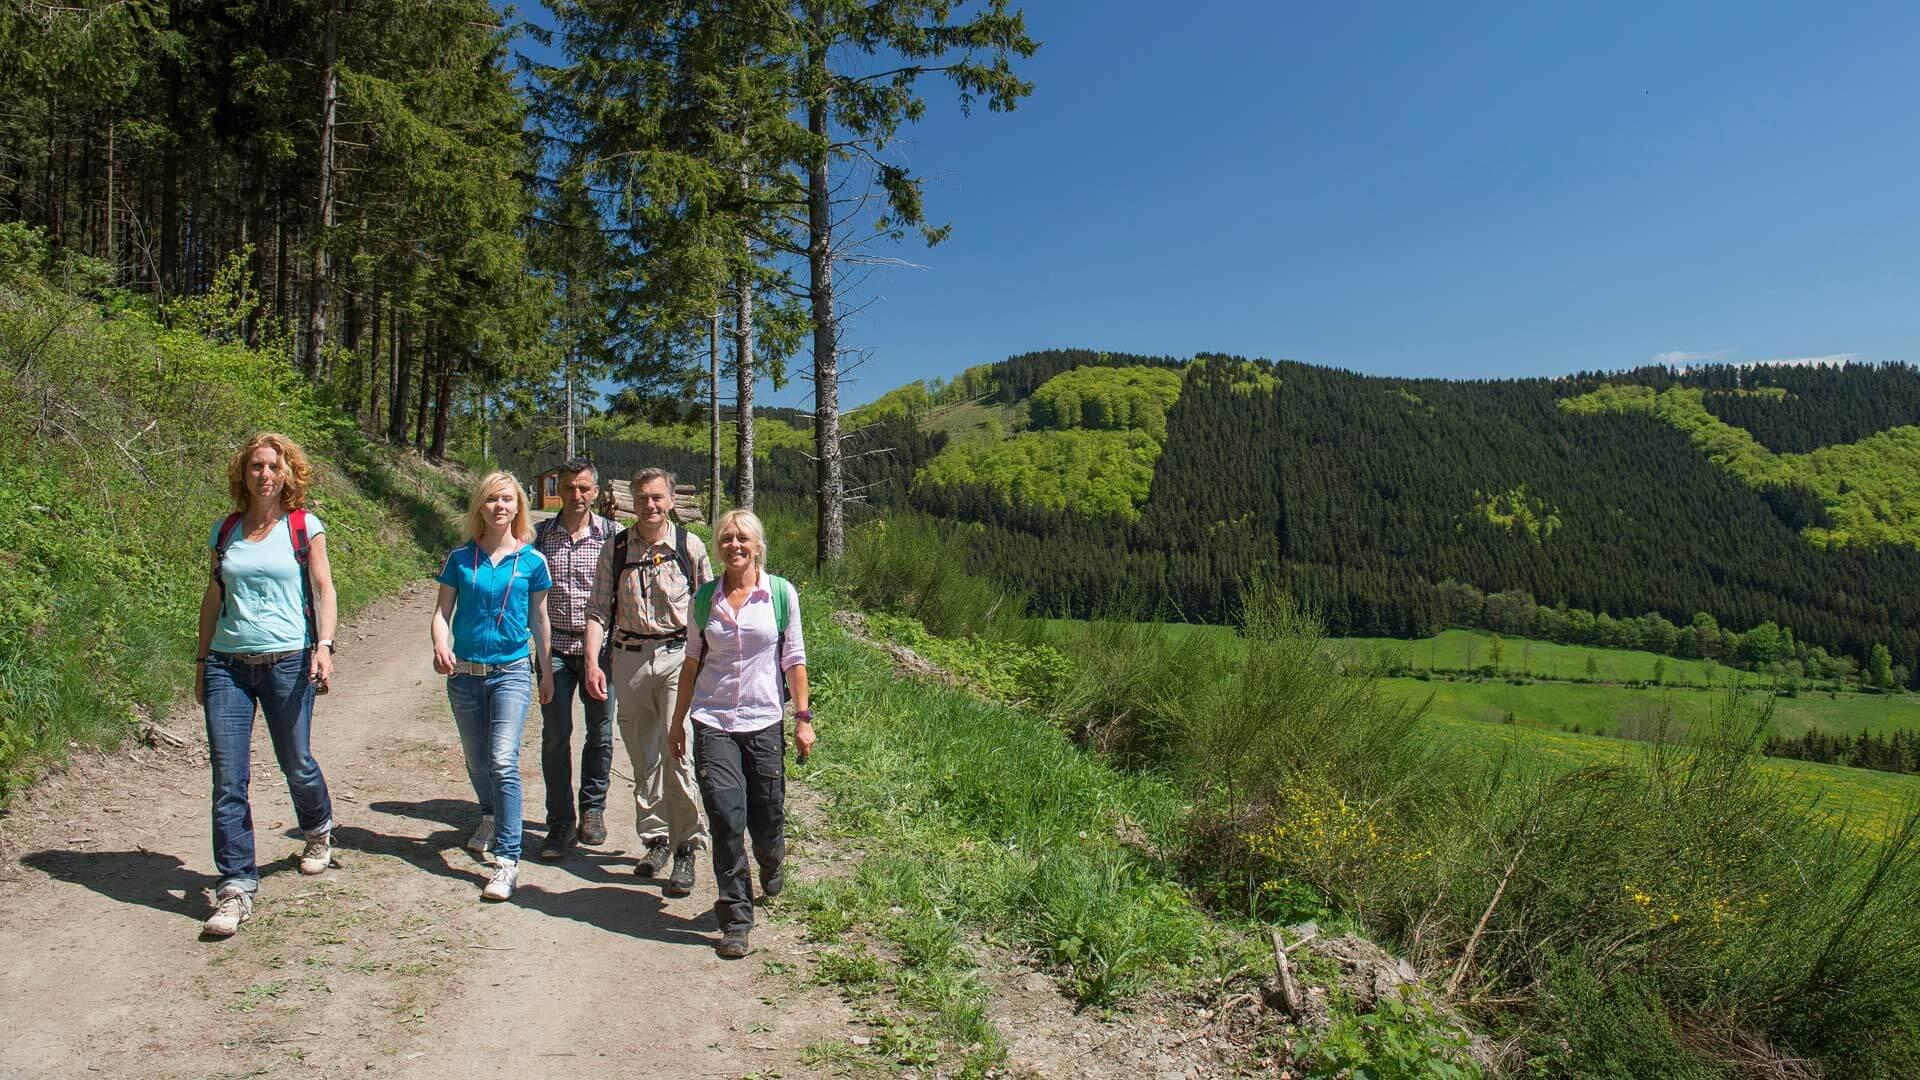 Wandern im Sauerland Gruppe am Waldesrand